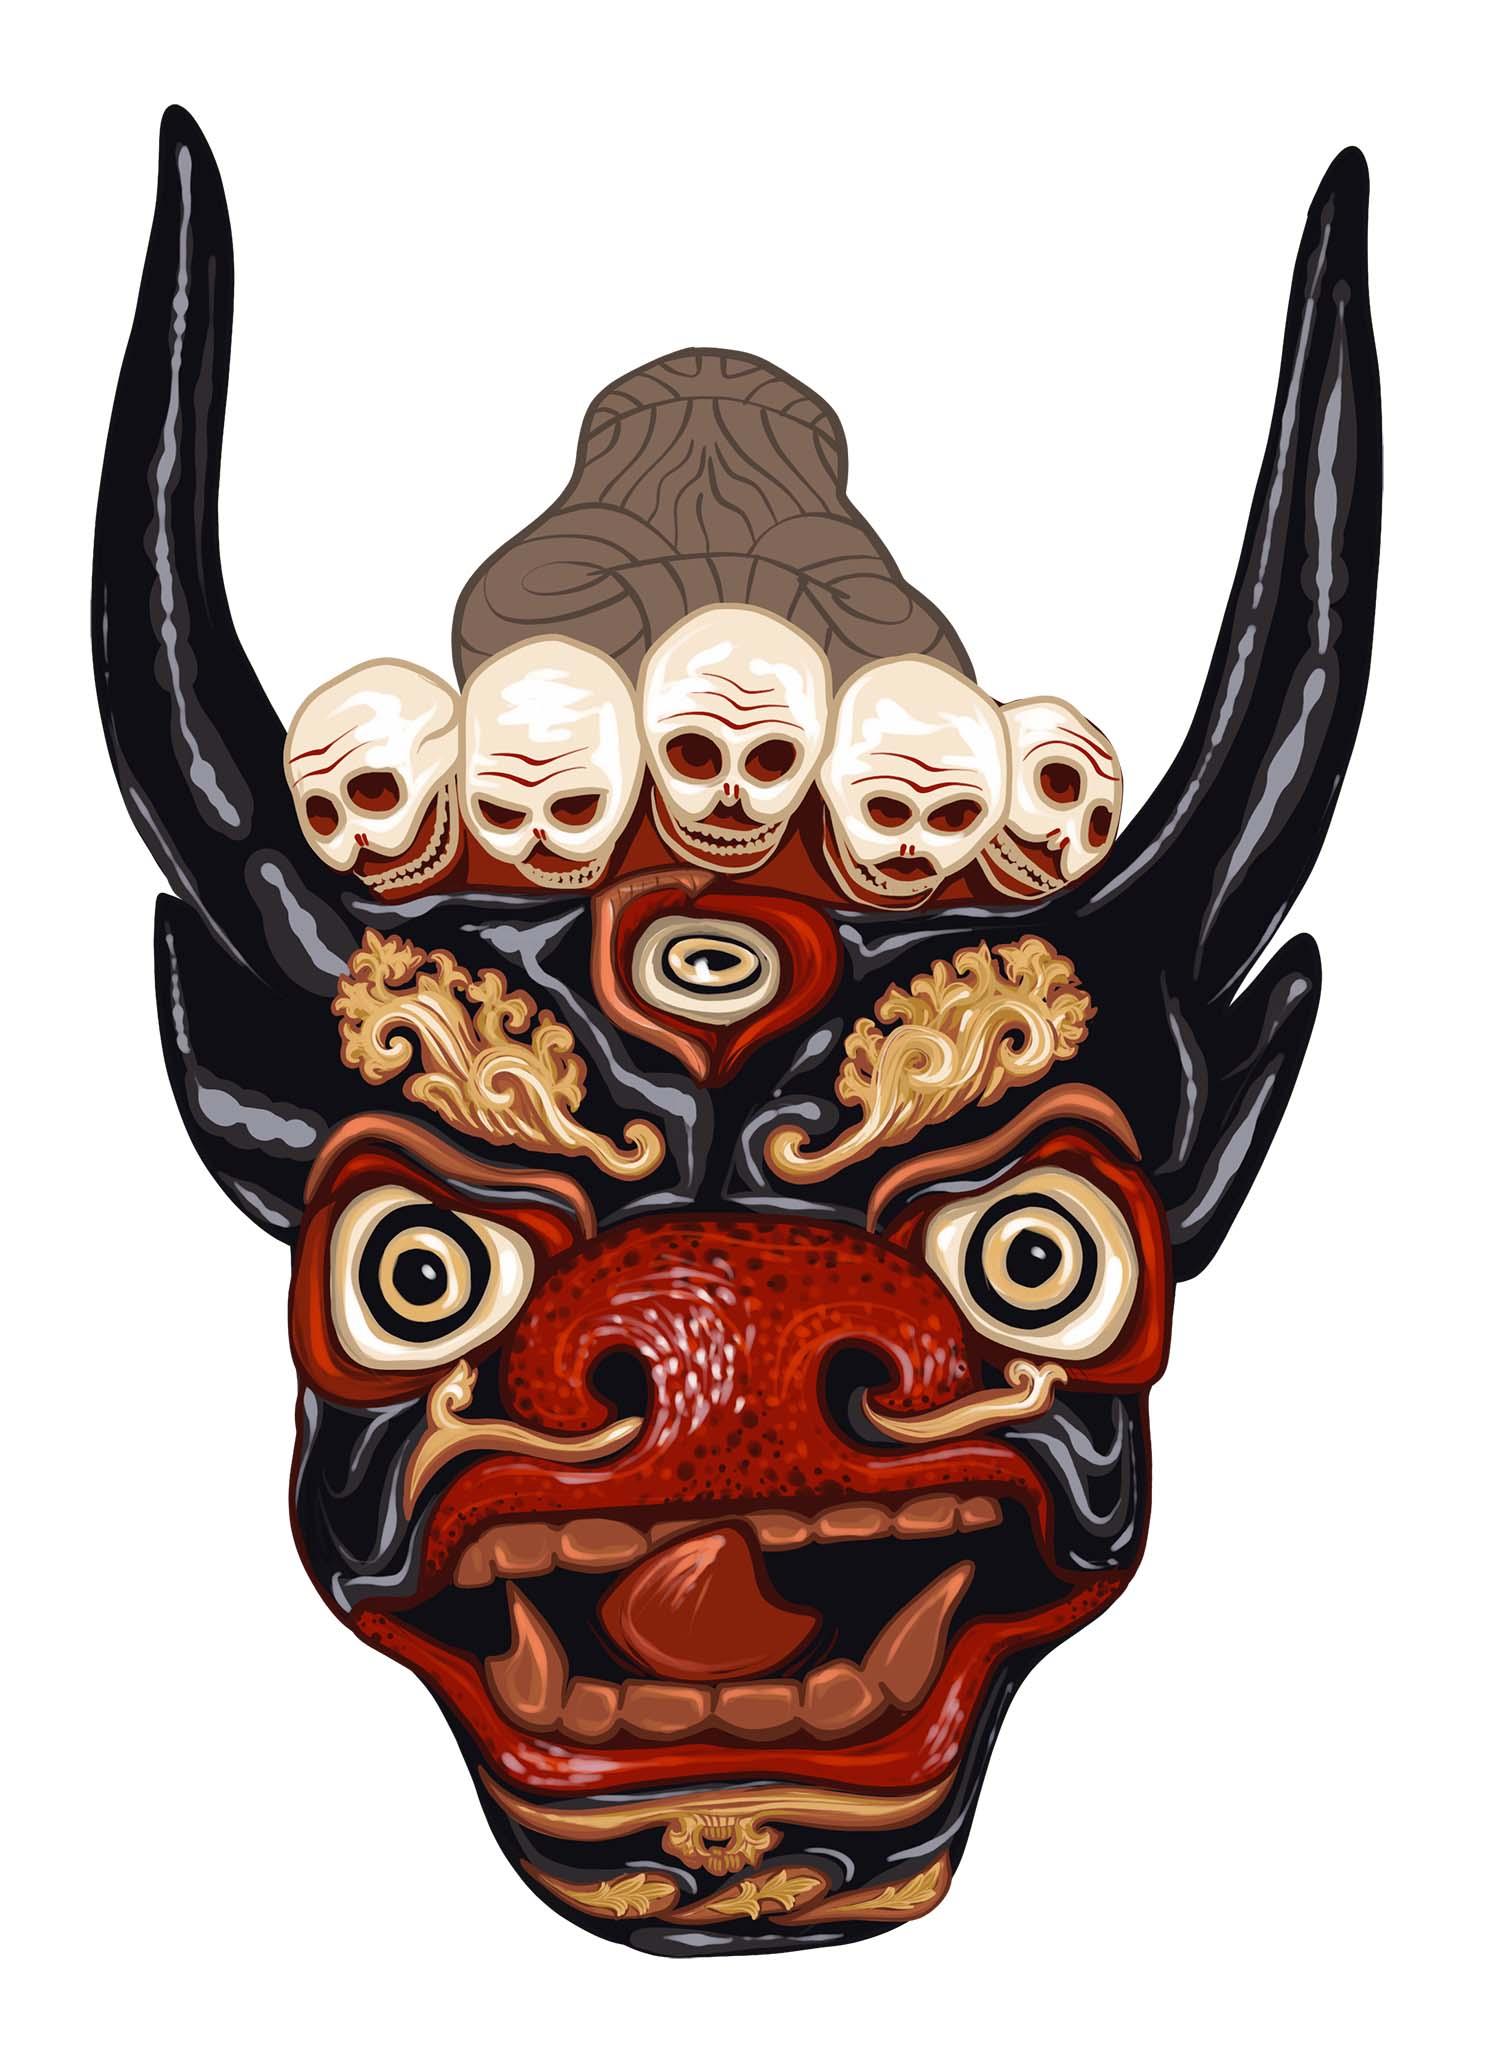 Digitale Illustration / Tibetische Maske 2 © Rita Stern Illustration Miltenberg